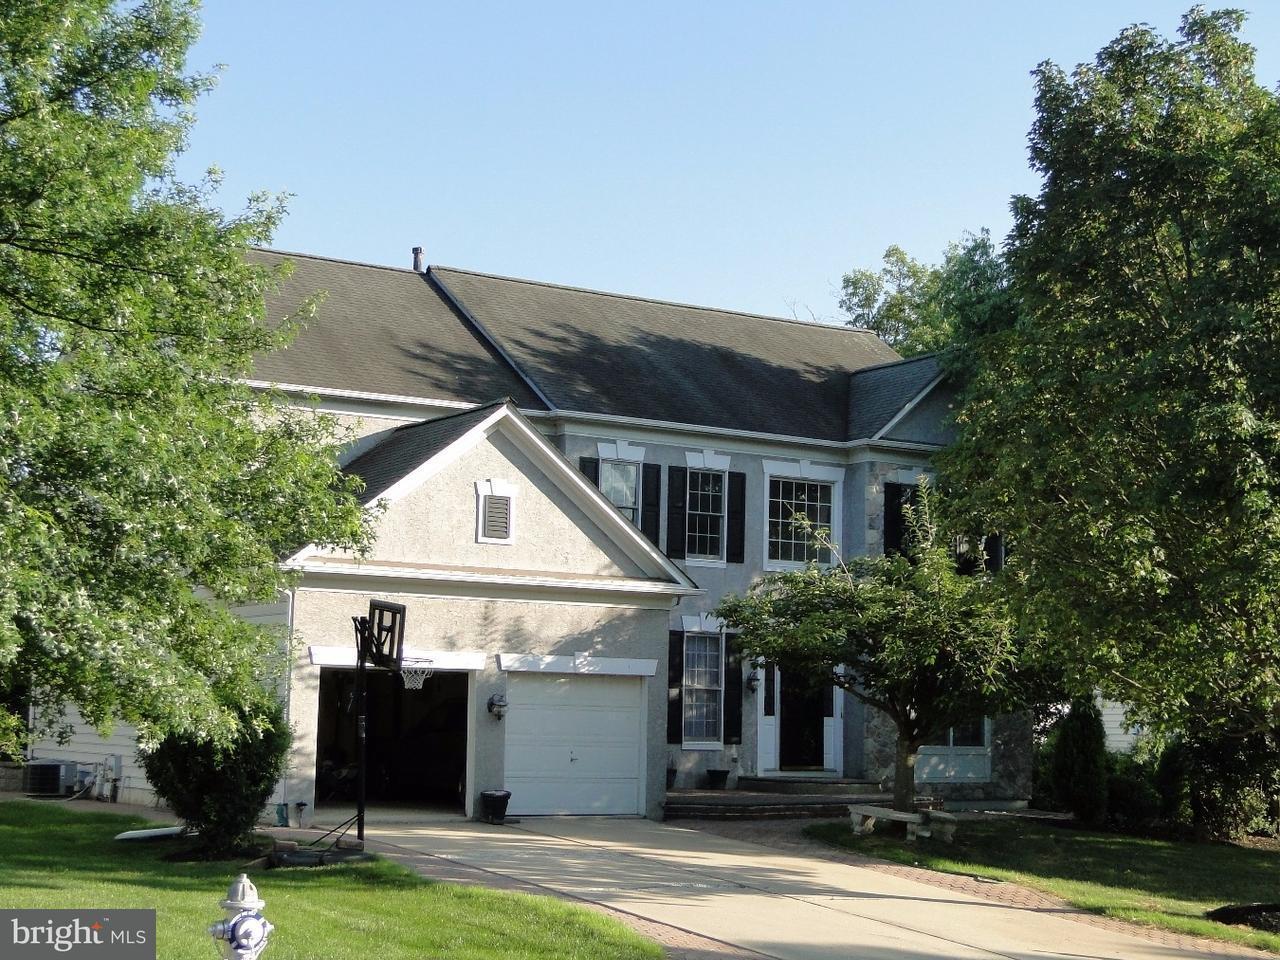 Tek Ailelik Ev için Satış at 678 CHERRYDALE Drive Lafayette Hill, Pennsylvania 19444 Amerika Birleşik Devletleri